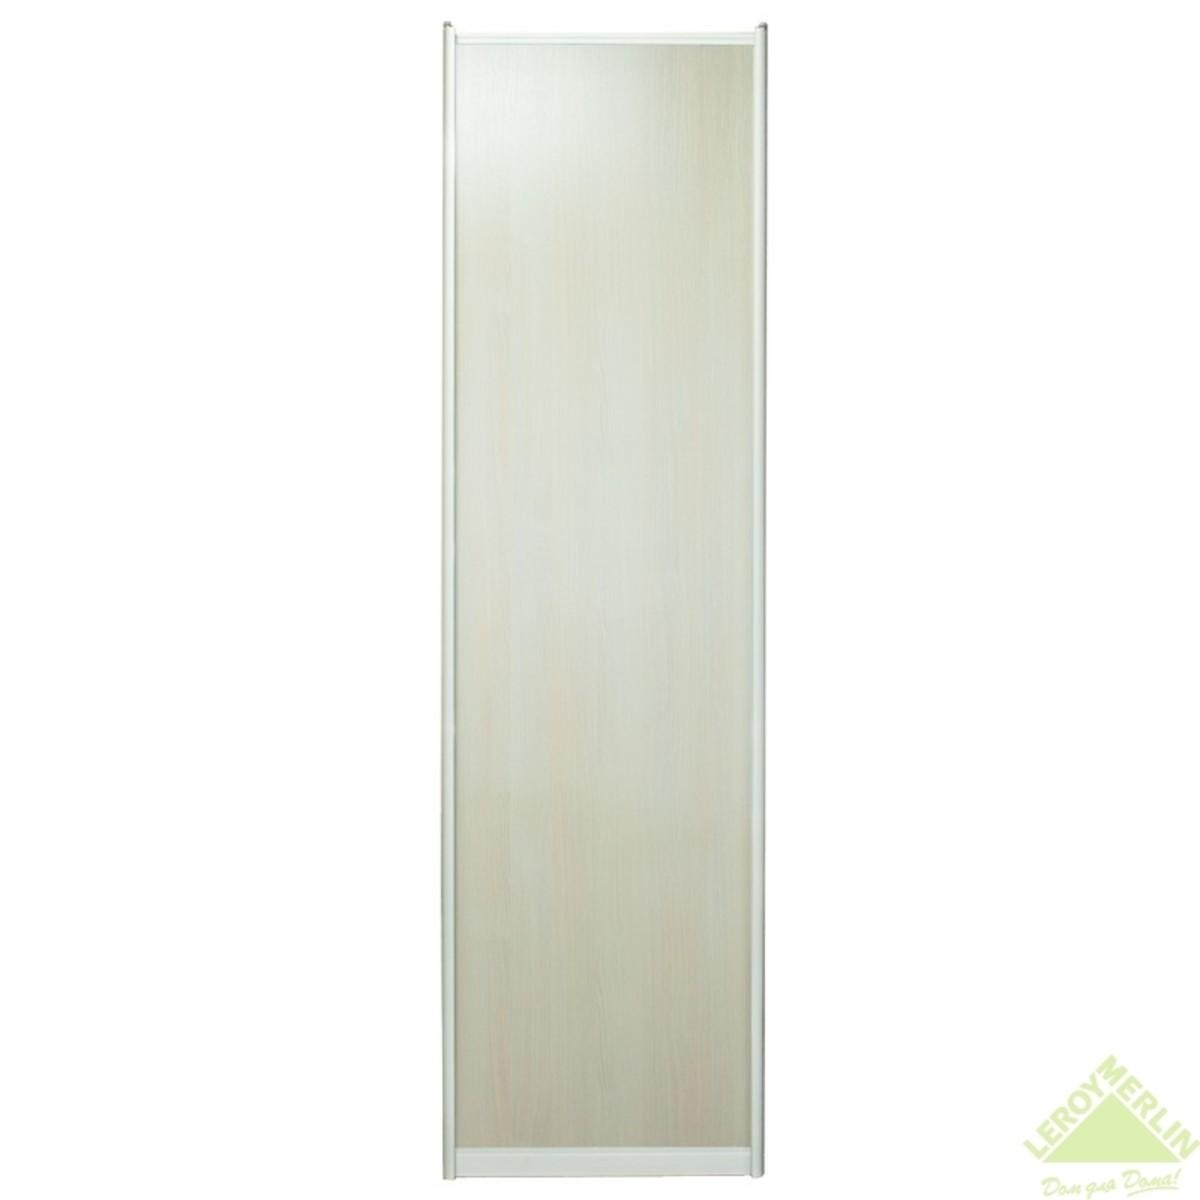 Дверь-купе 2251х904 мм цвет дуб беленый/серебро